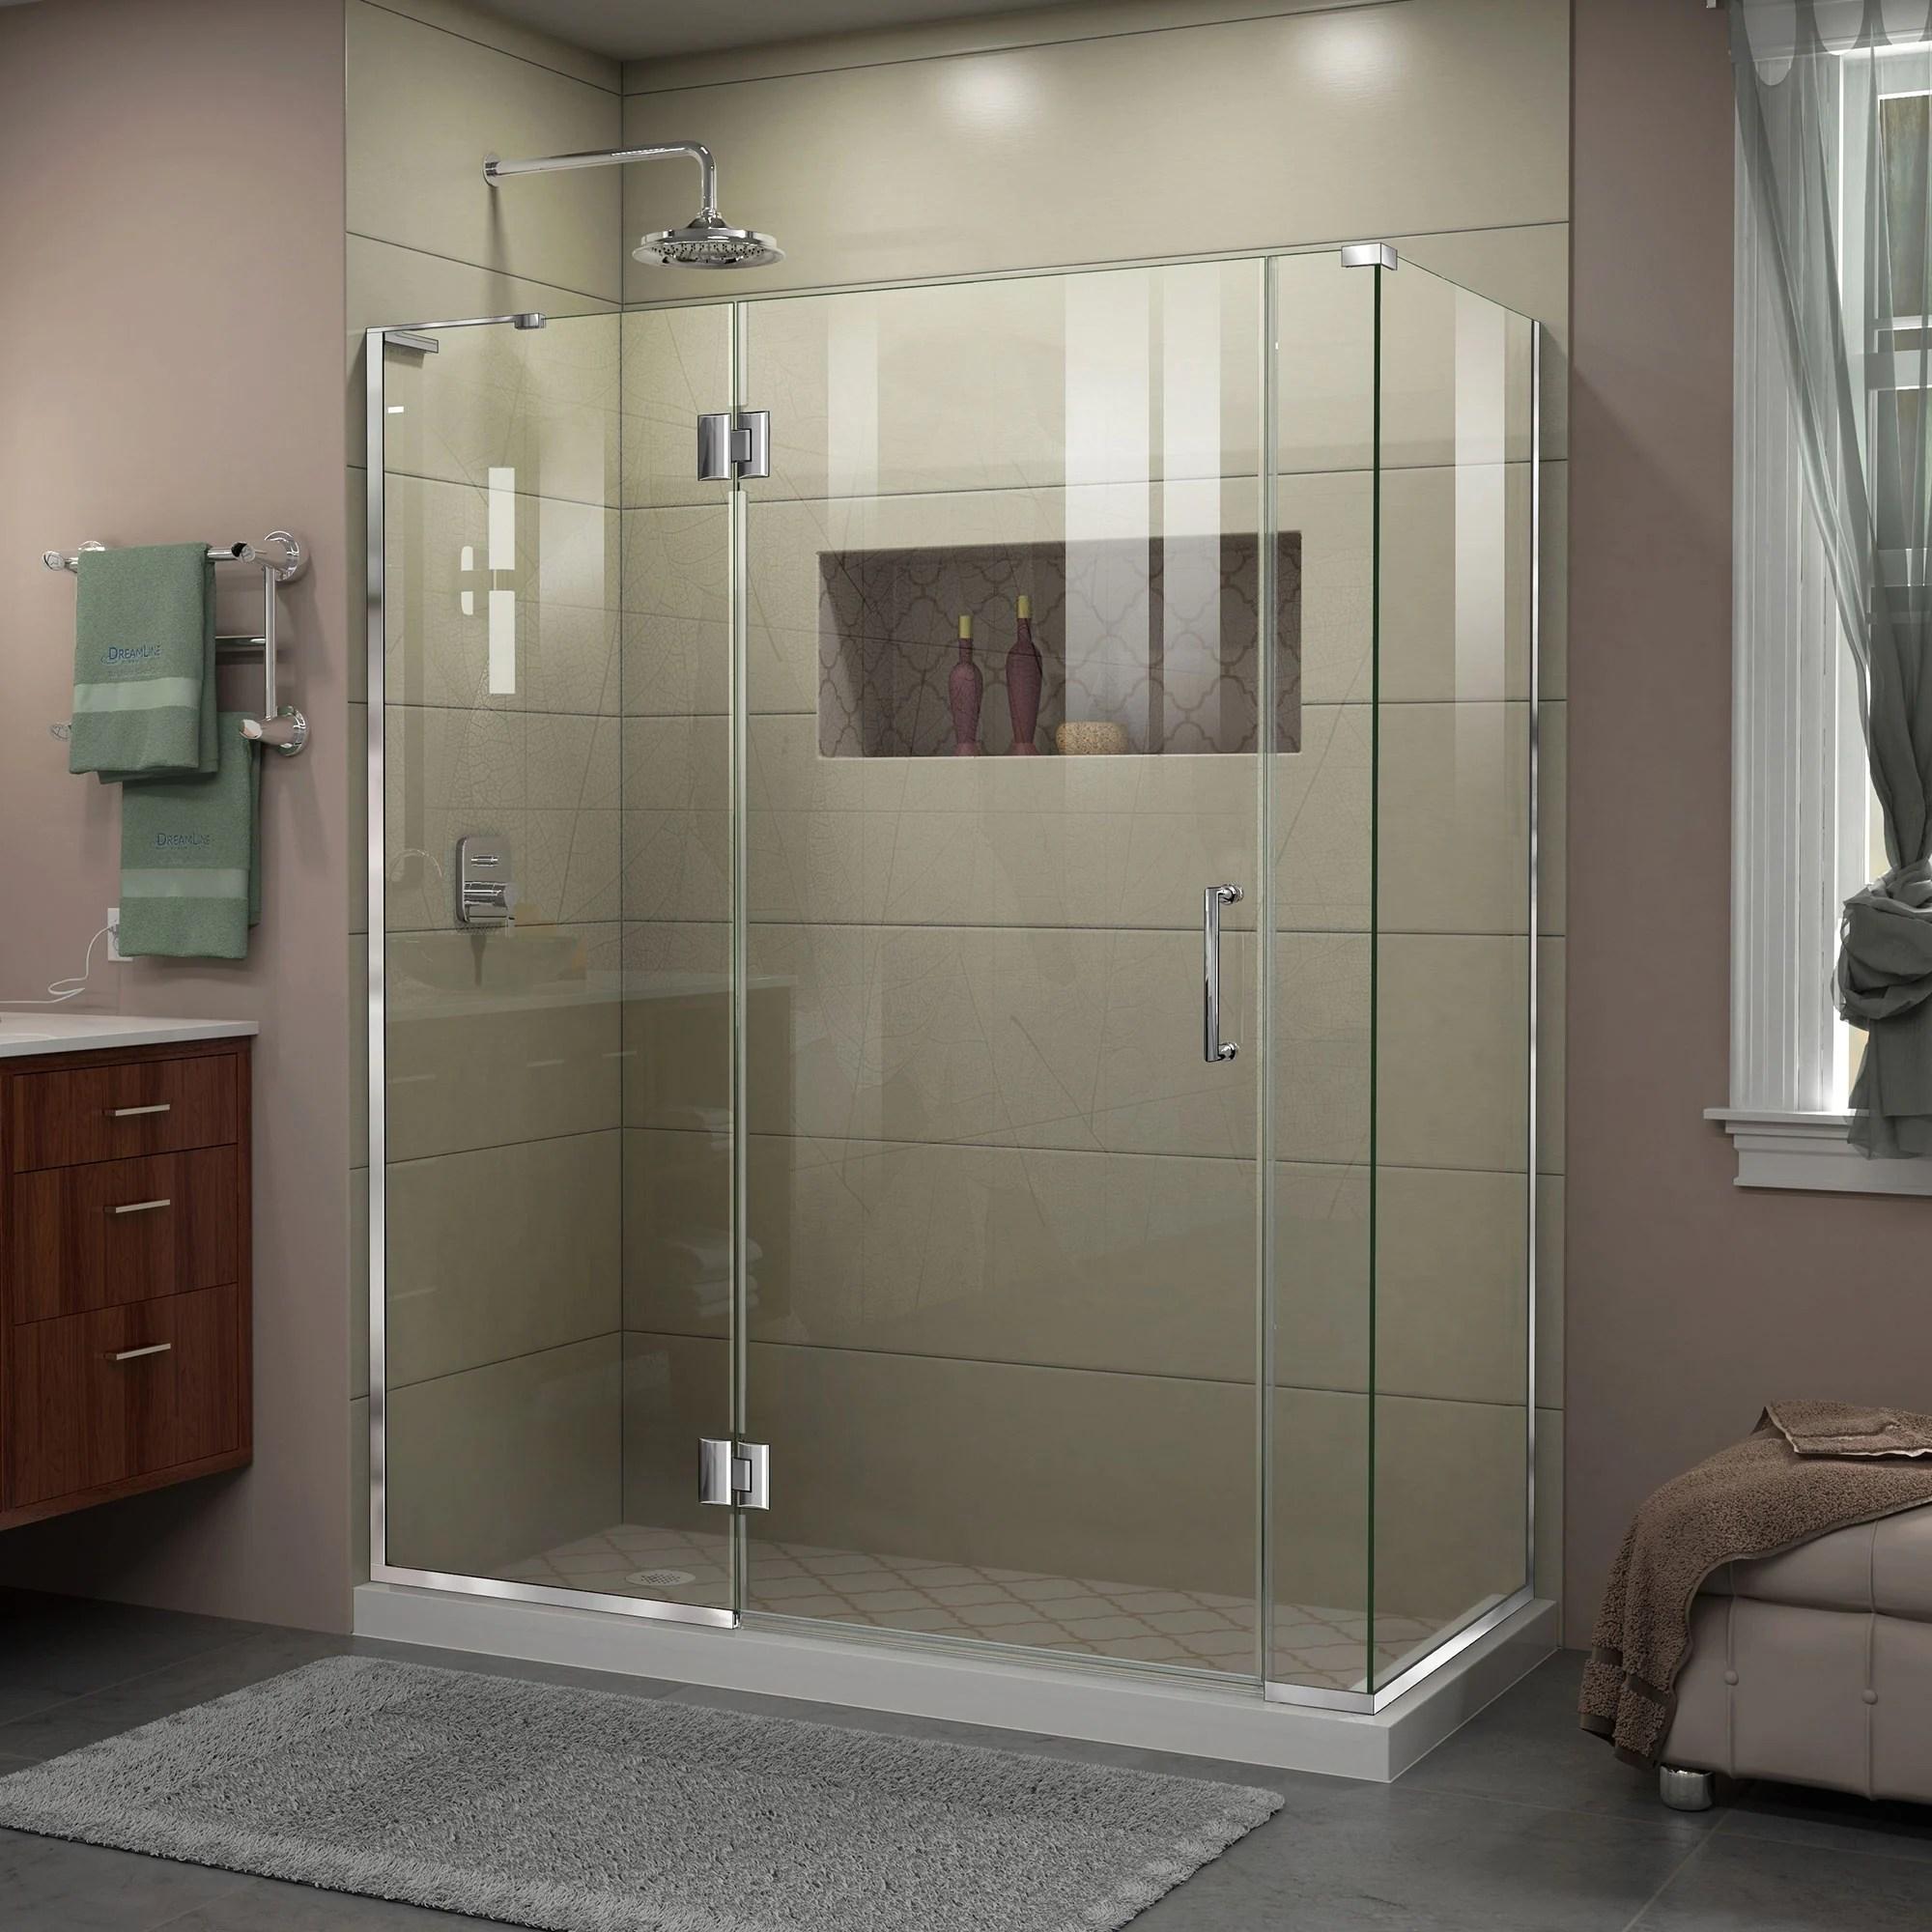 Buy Frameless Shower Doors Online At Overstock Our Best